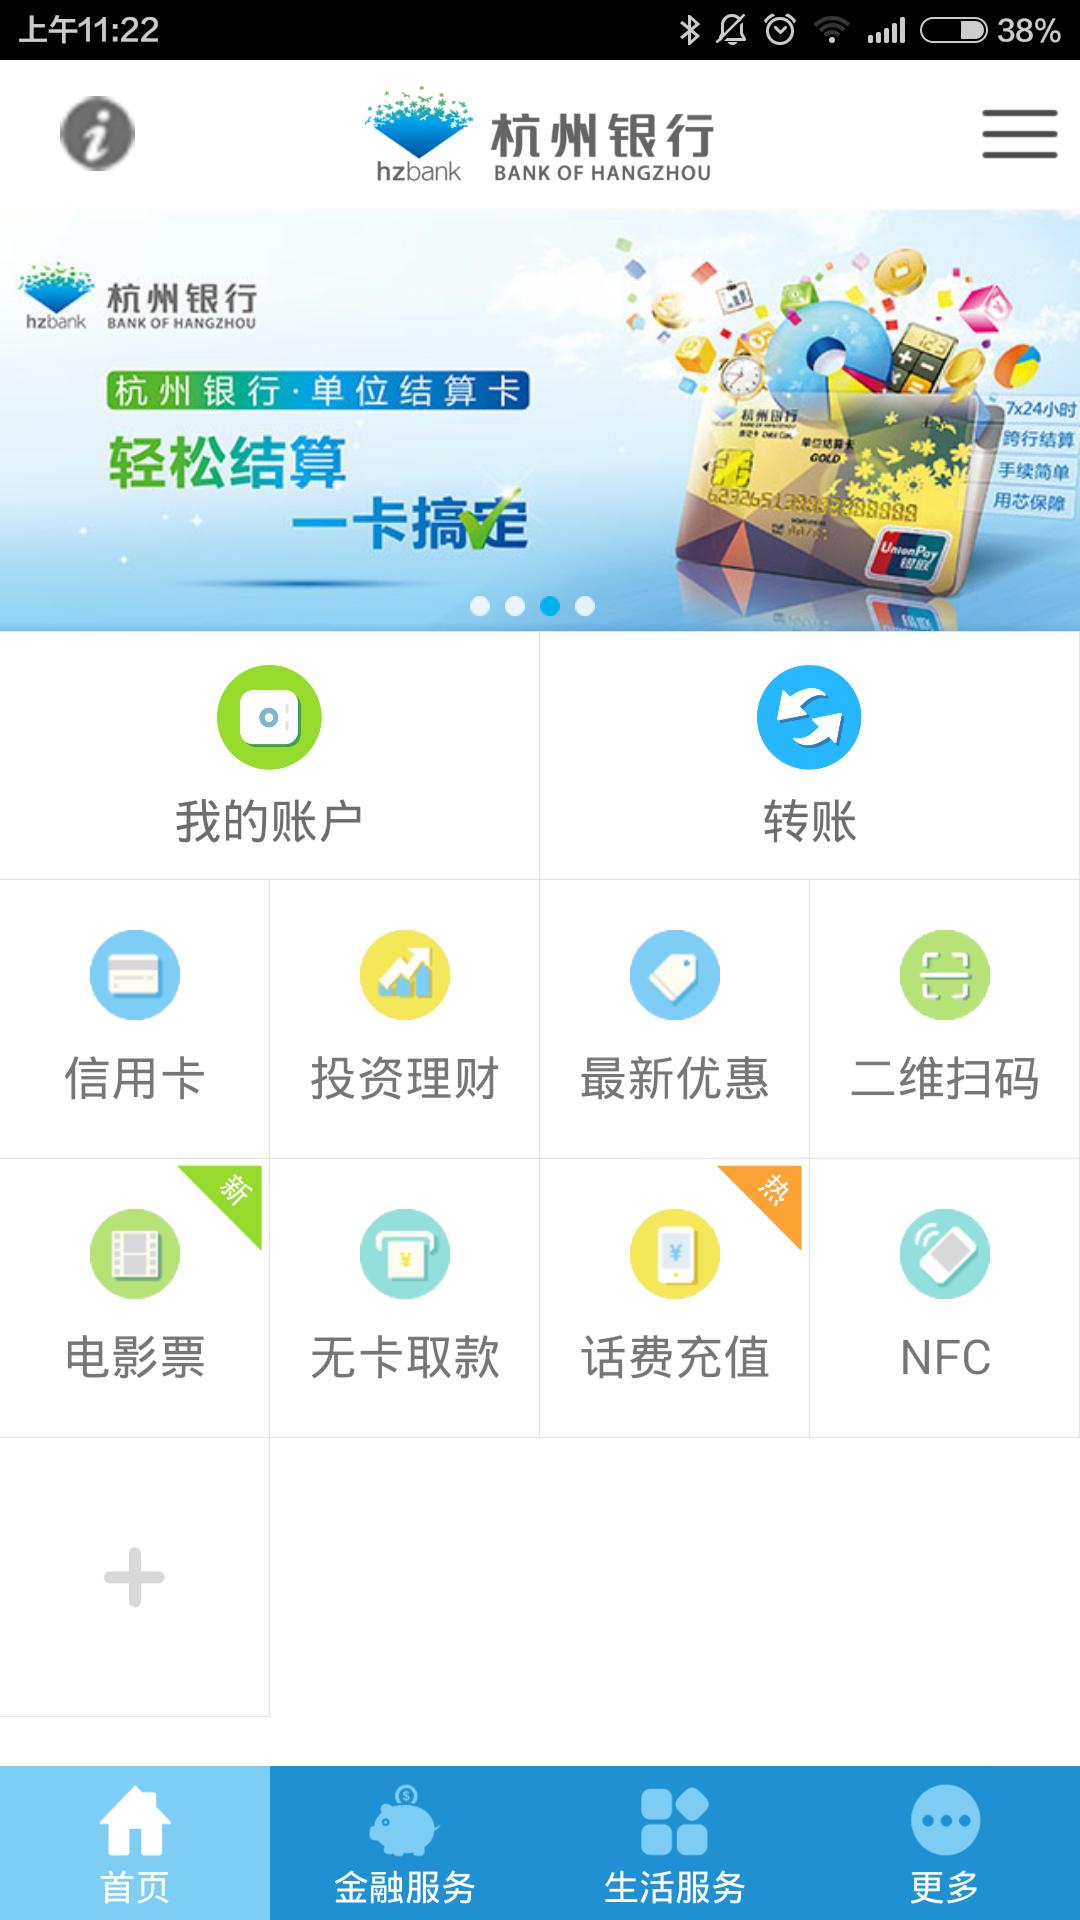 杭州银行手机银行